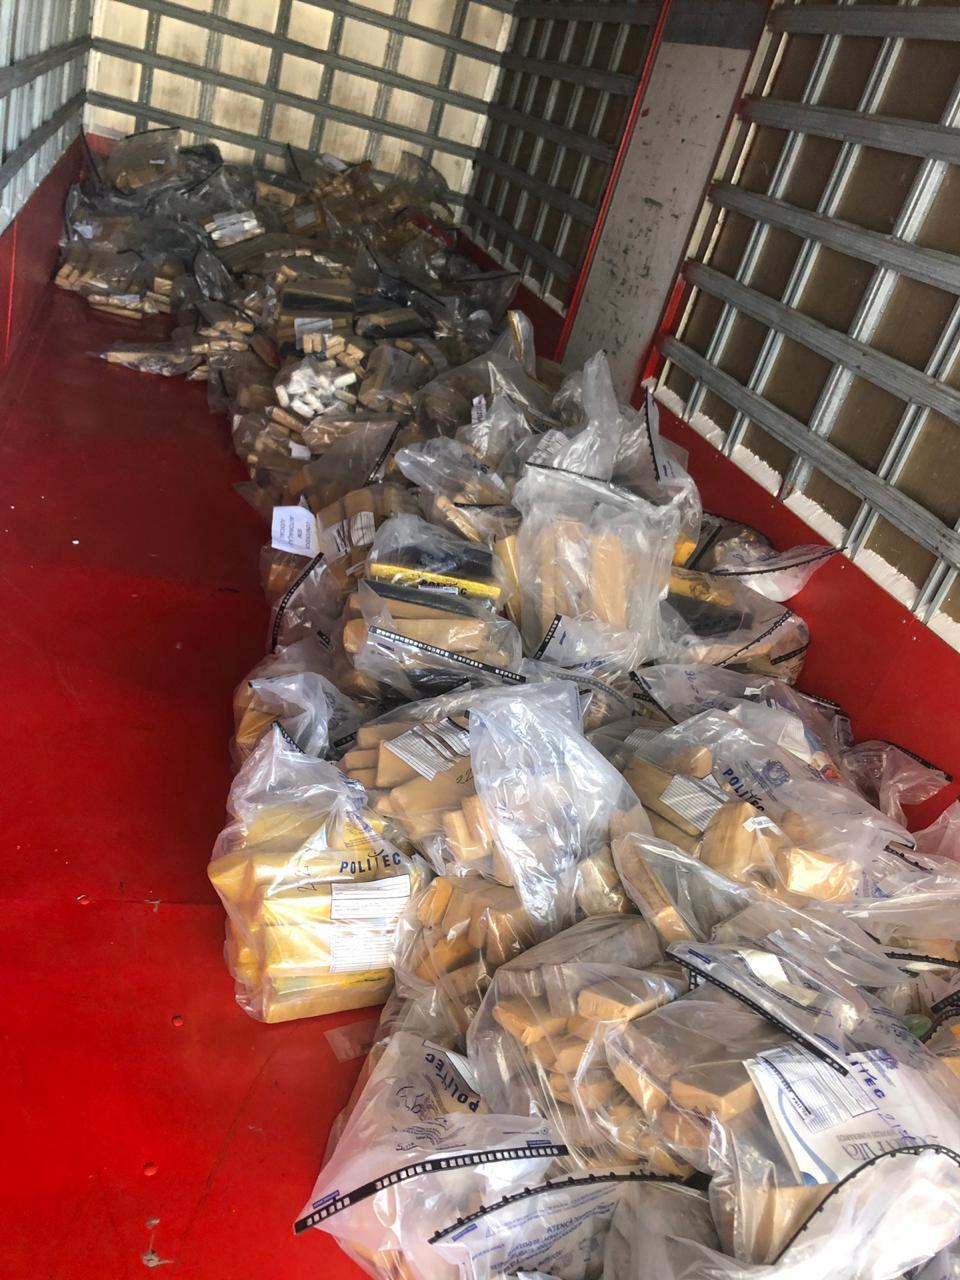 As duas toneladas e meia de entorpecente foram apreendidas durante o segundo semestre de 2018. (Foto: divulgação PJC/MT)